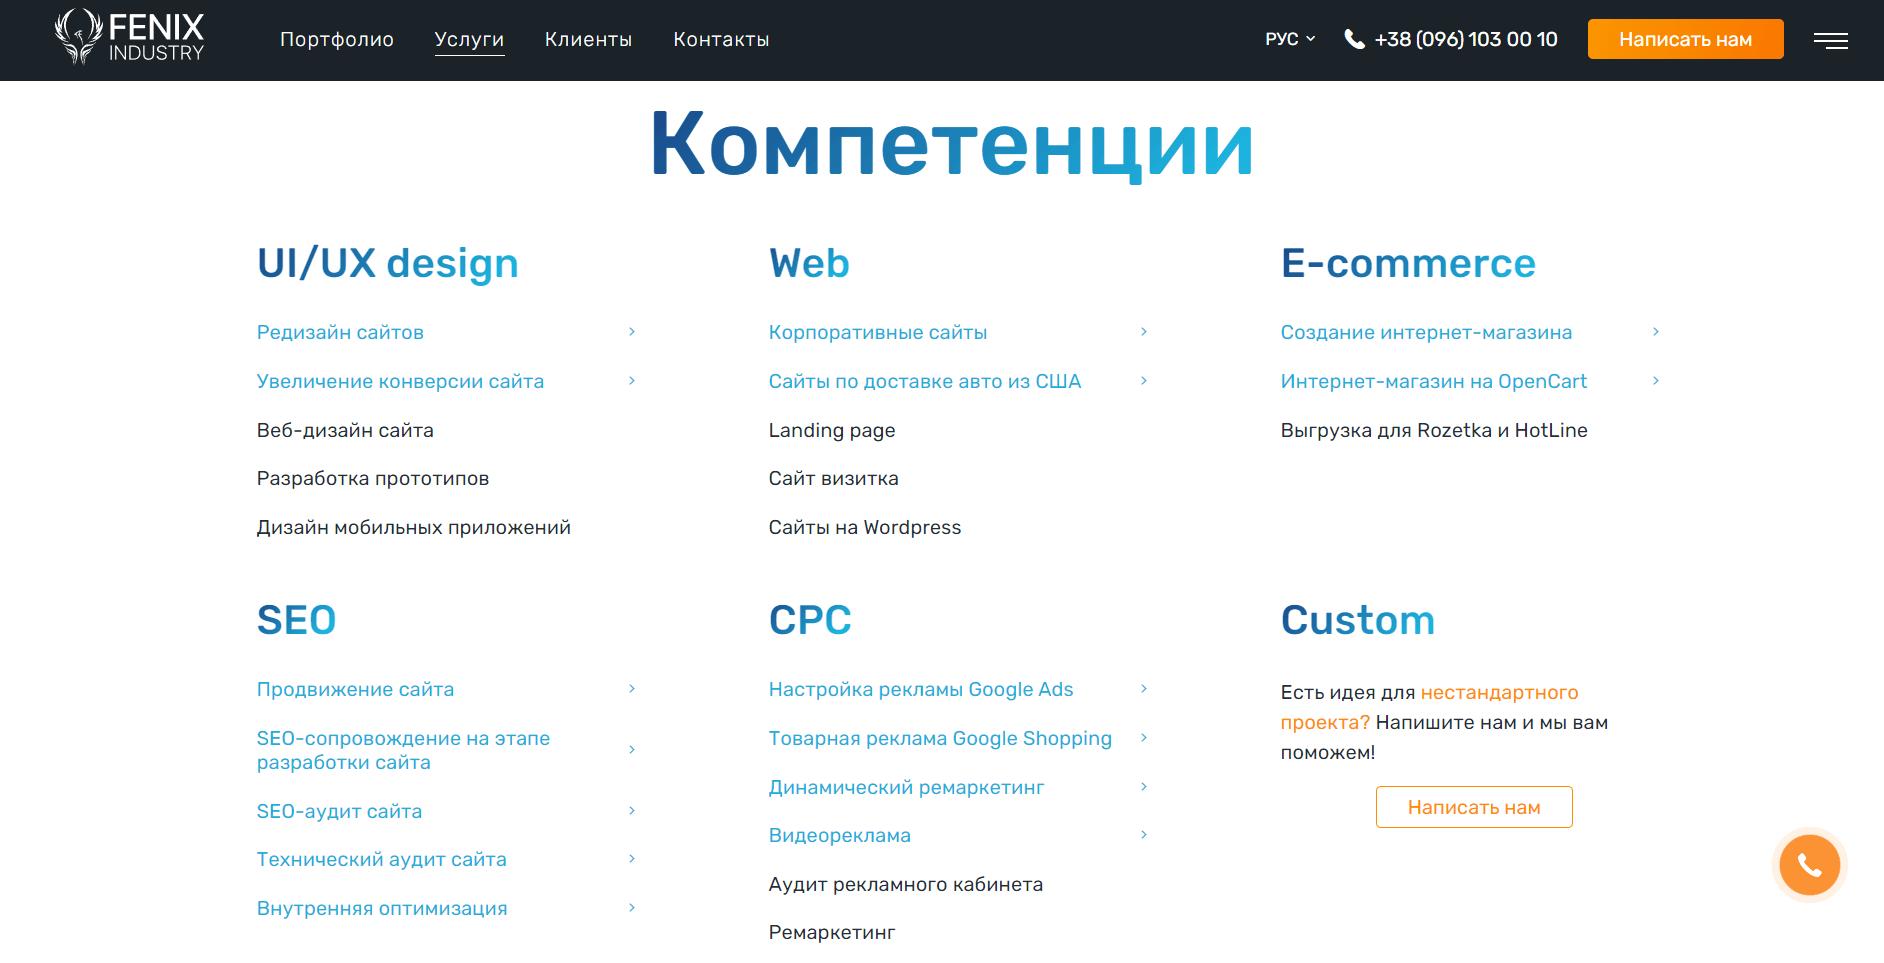 Феникс Индастри - обзор компании, услуги, отзывы, клиенты, Фото № 2 - google-seo.pro